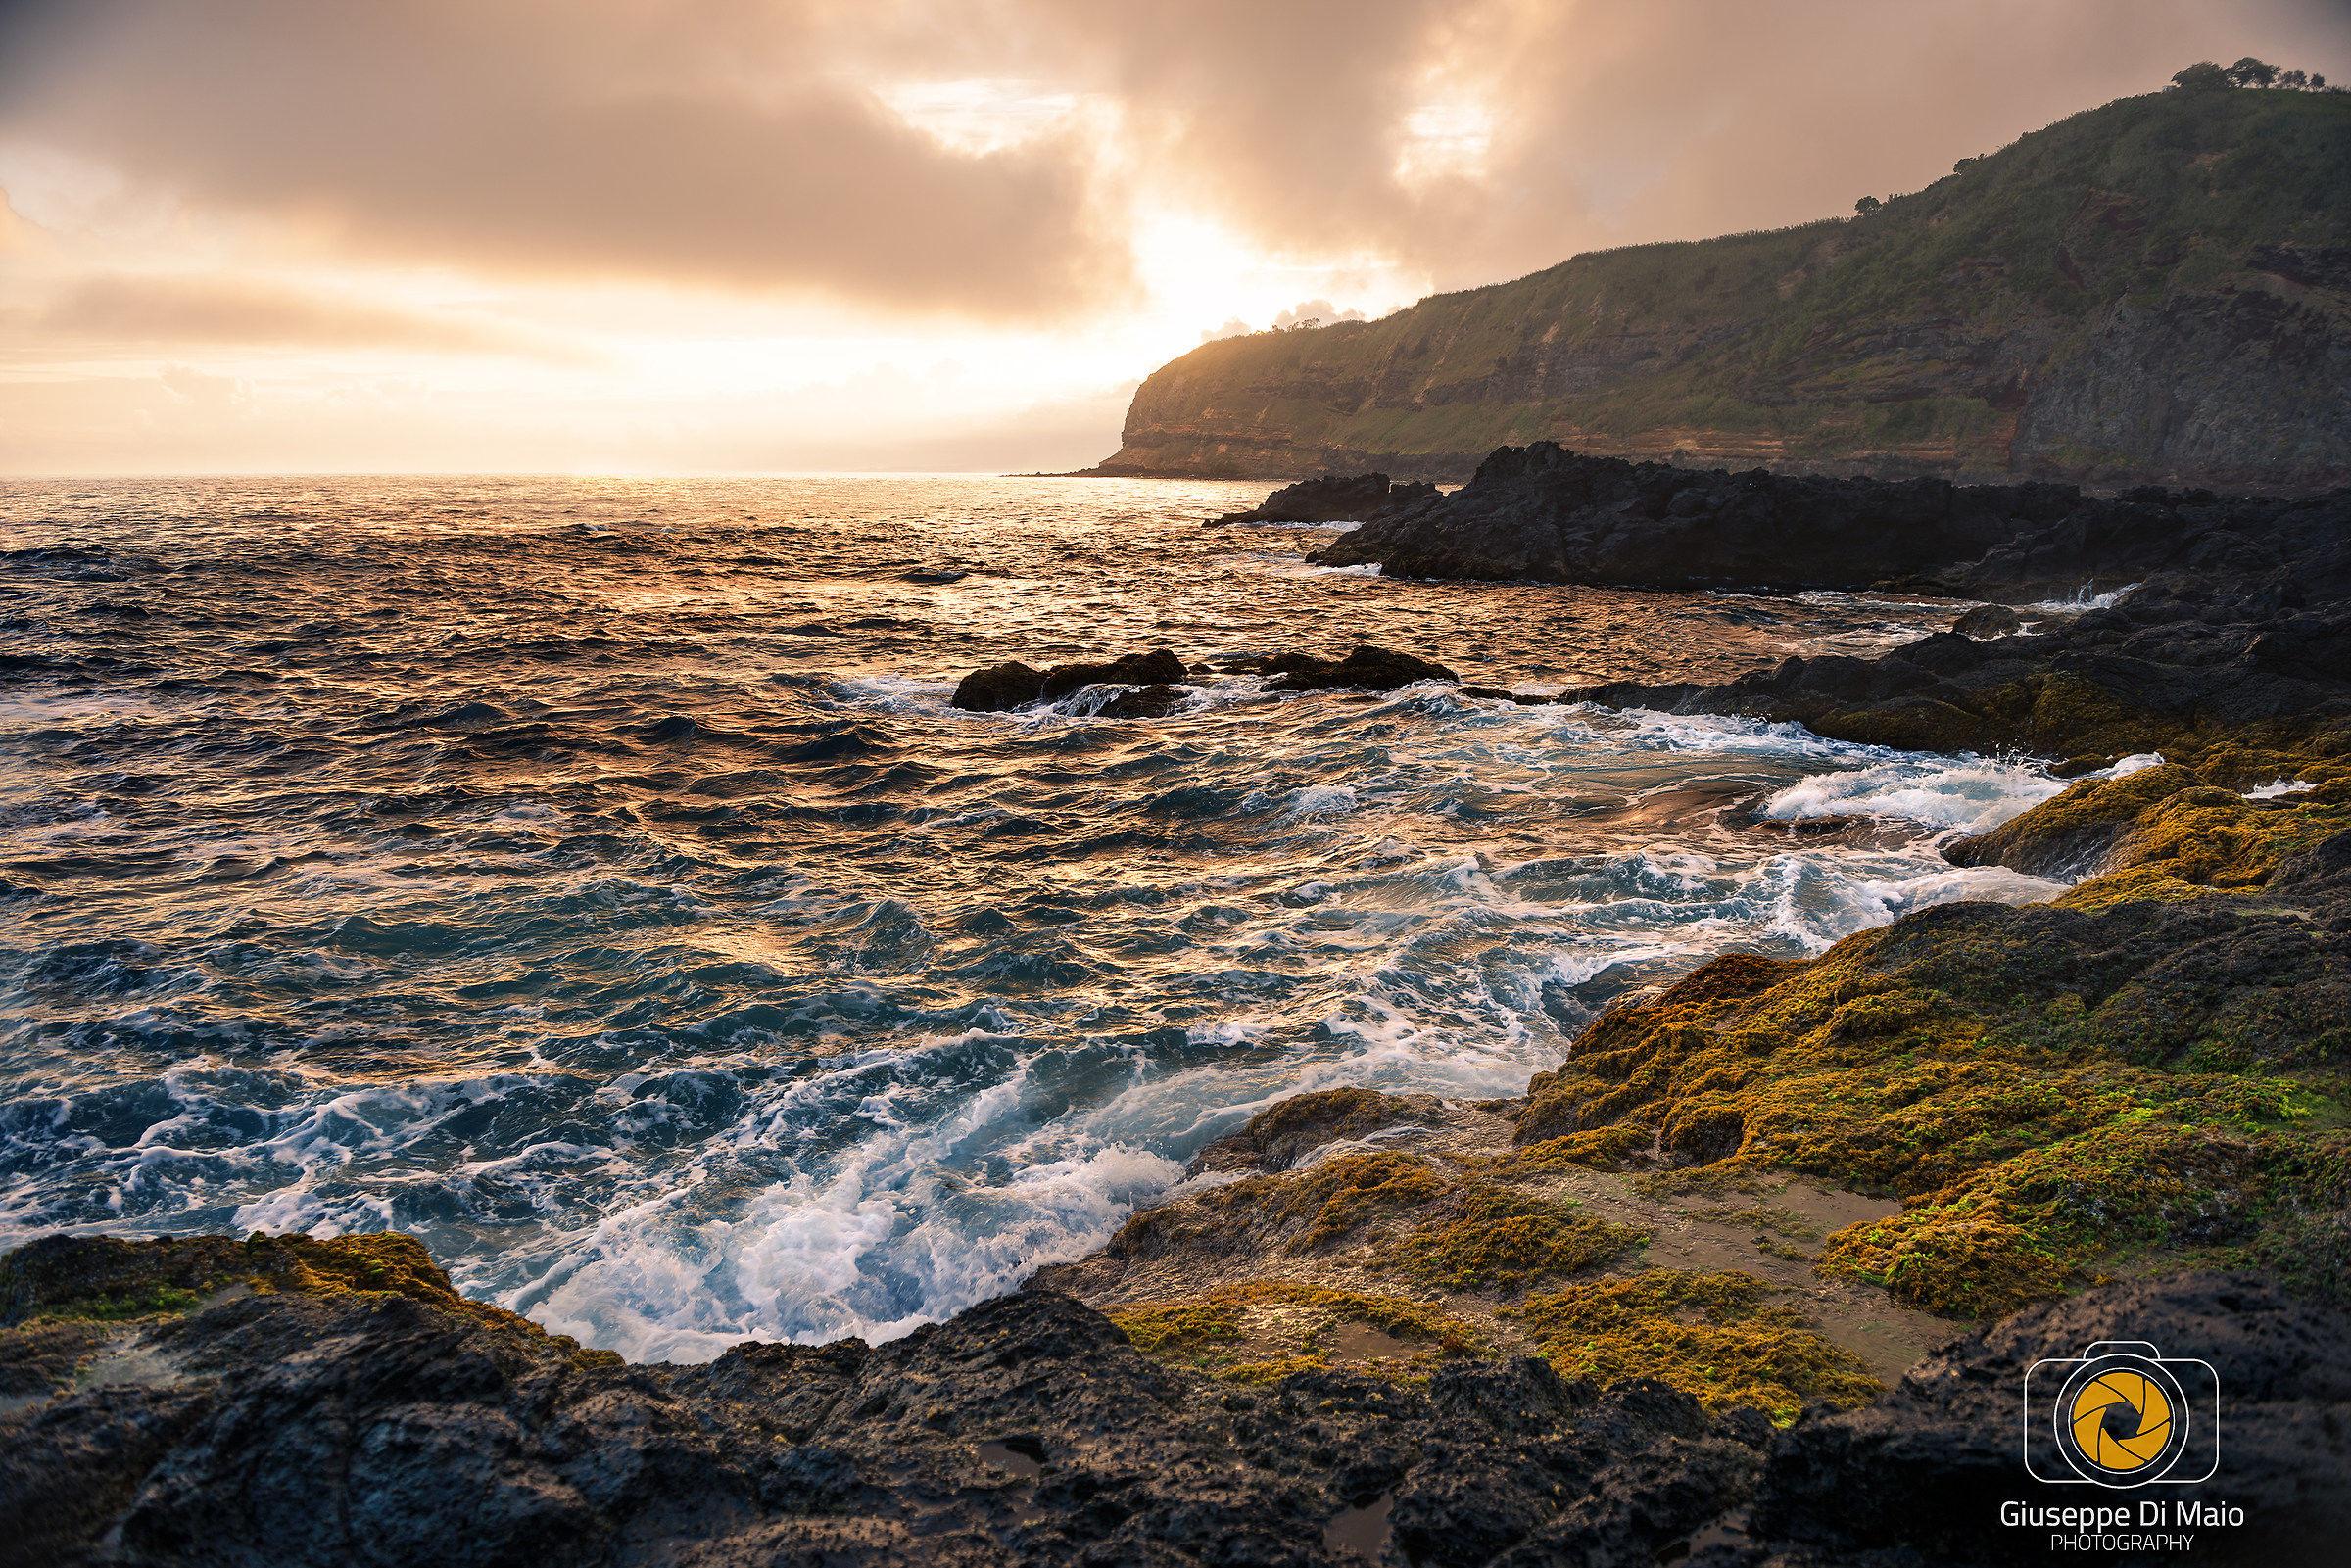 Tramonto sull'oceano Atlatico, Azzorre, Sau Miguel...